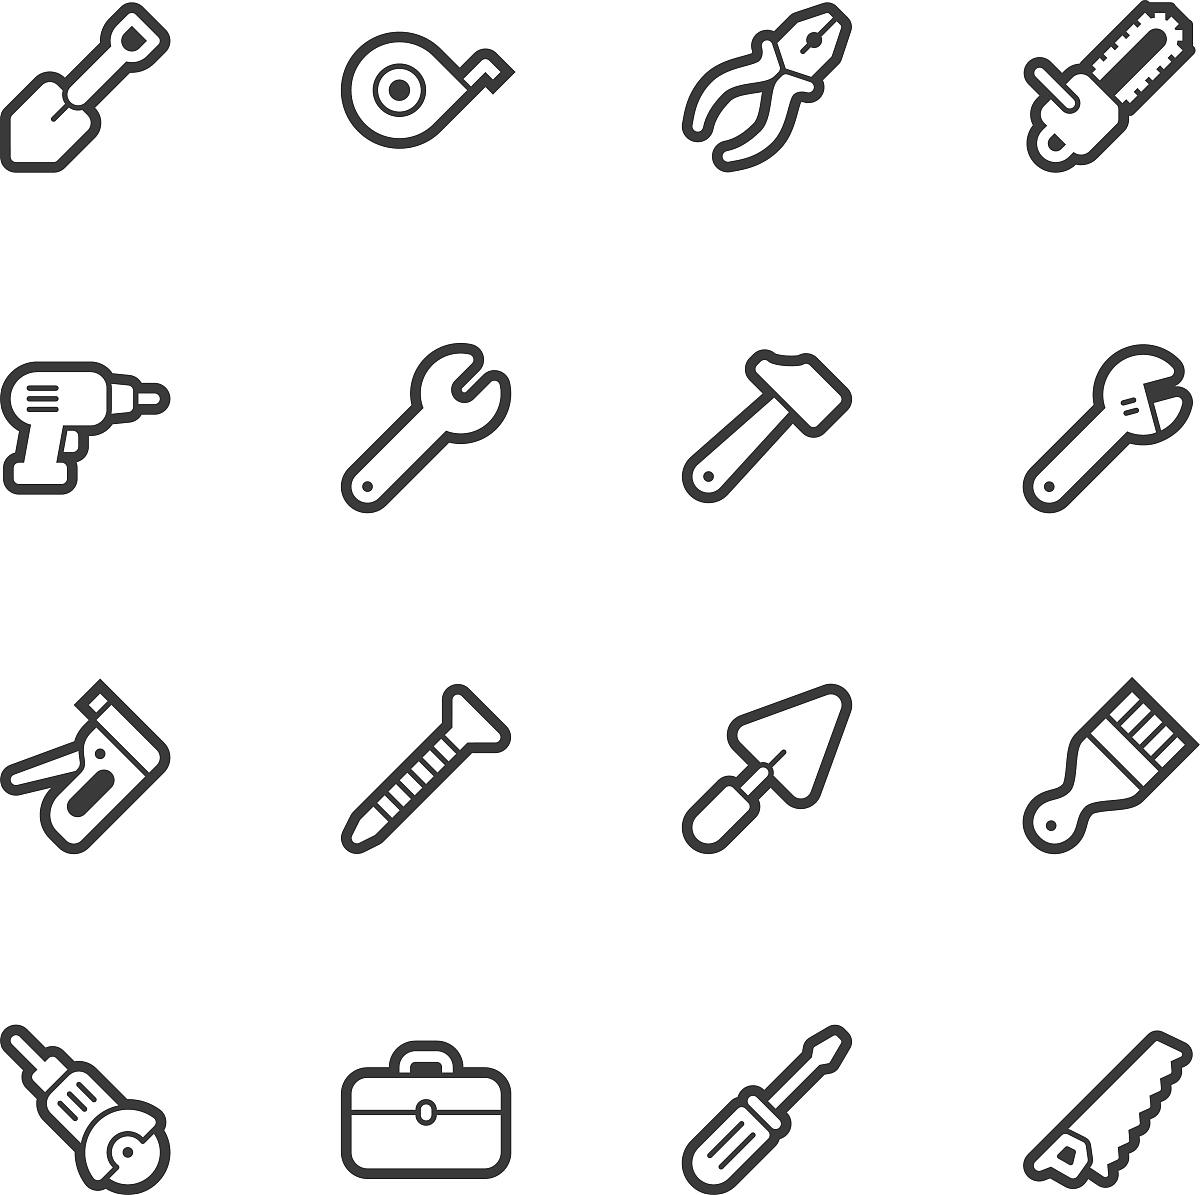 旋转刀片,画笔,黑白图片,矢量,绘画作品,指甲,自己动手,网络表情,趾甲图片